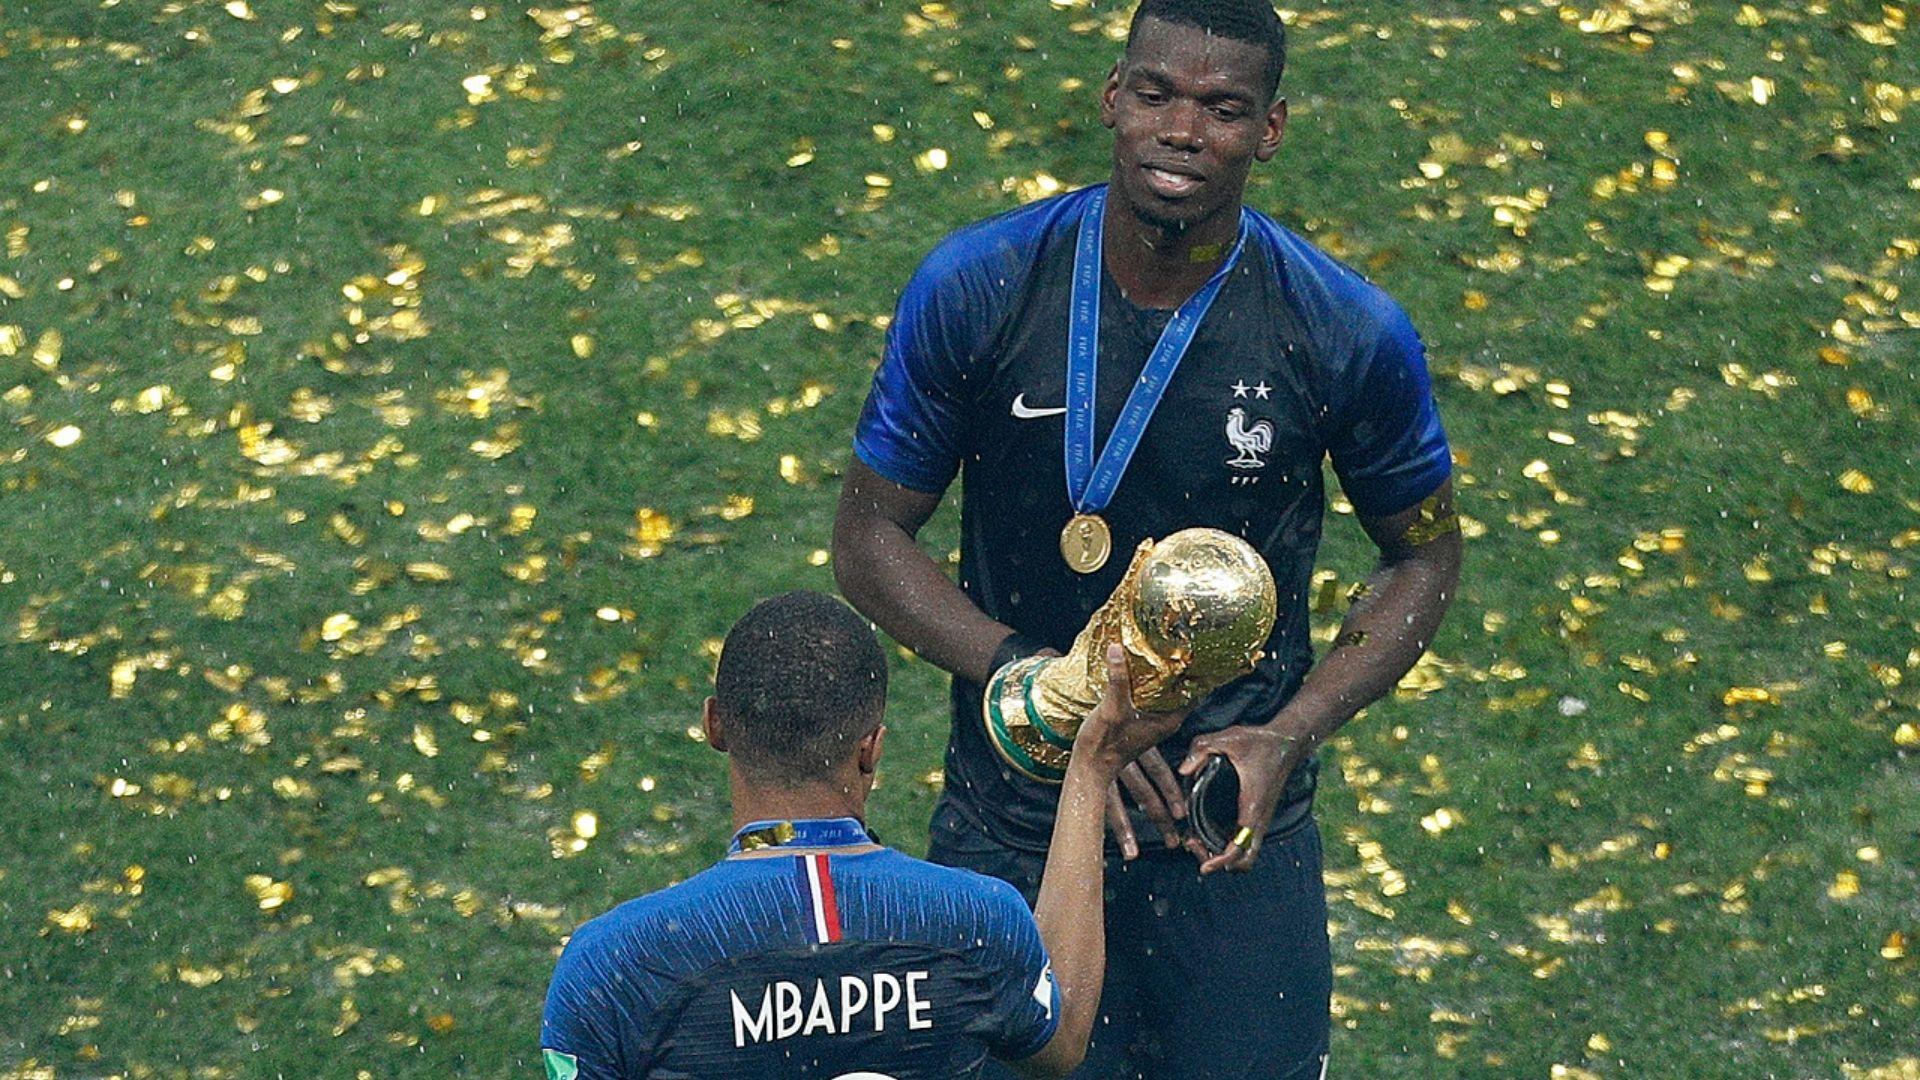 Seleção francesa larga como favorita. Foto: Jonathan Campos/Arquivo/Gazeta do Povo